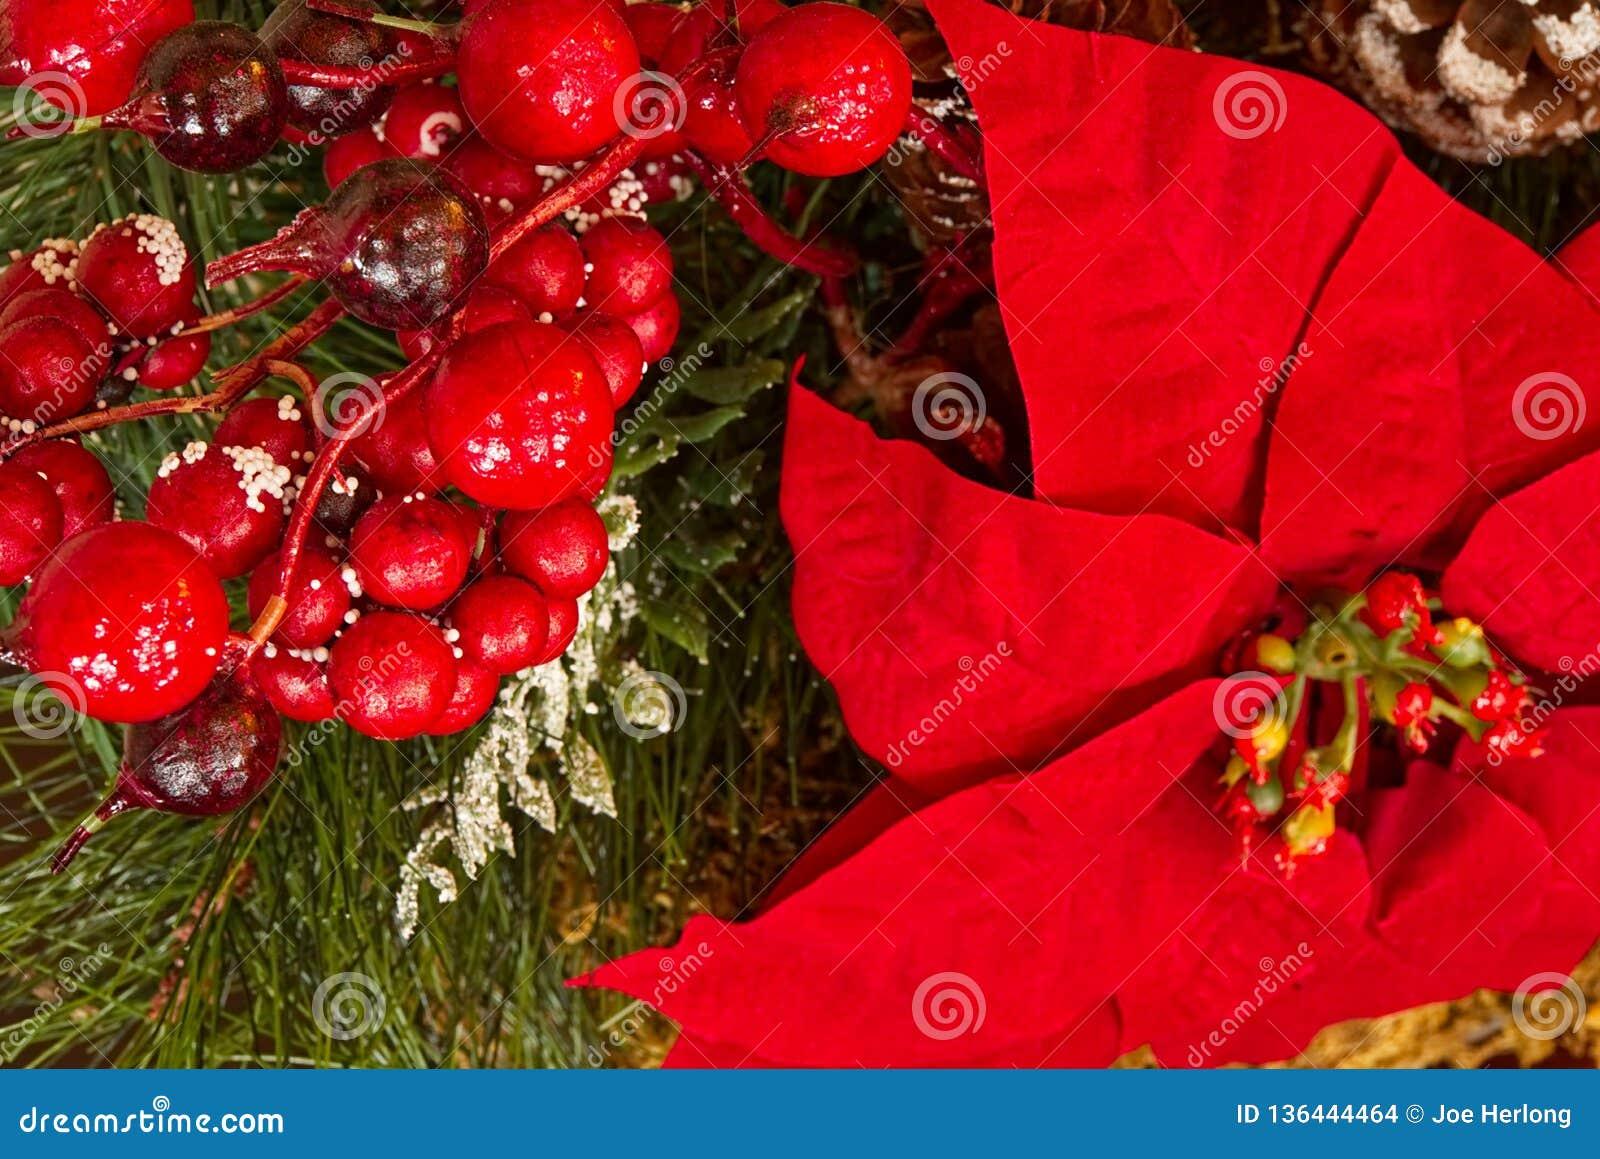 Een close-up van Kerstmisdecoratie met groen, poinsettia, en rode bessen